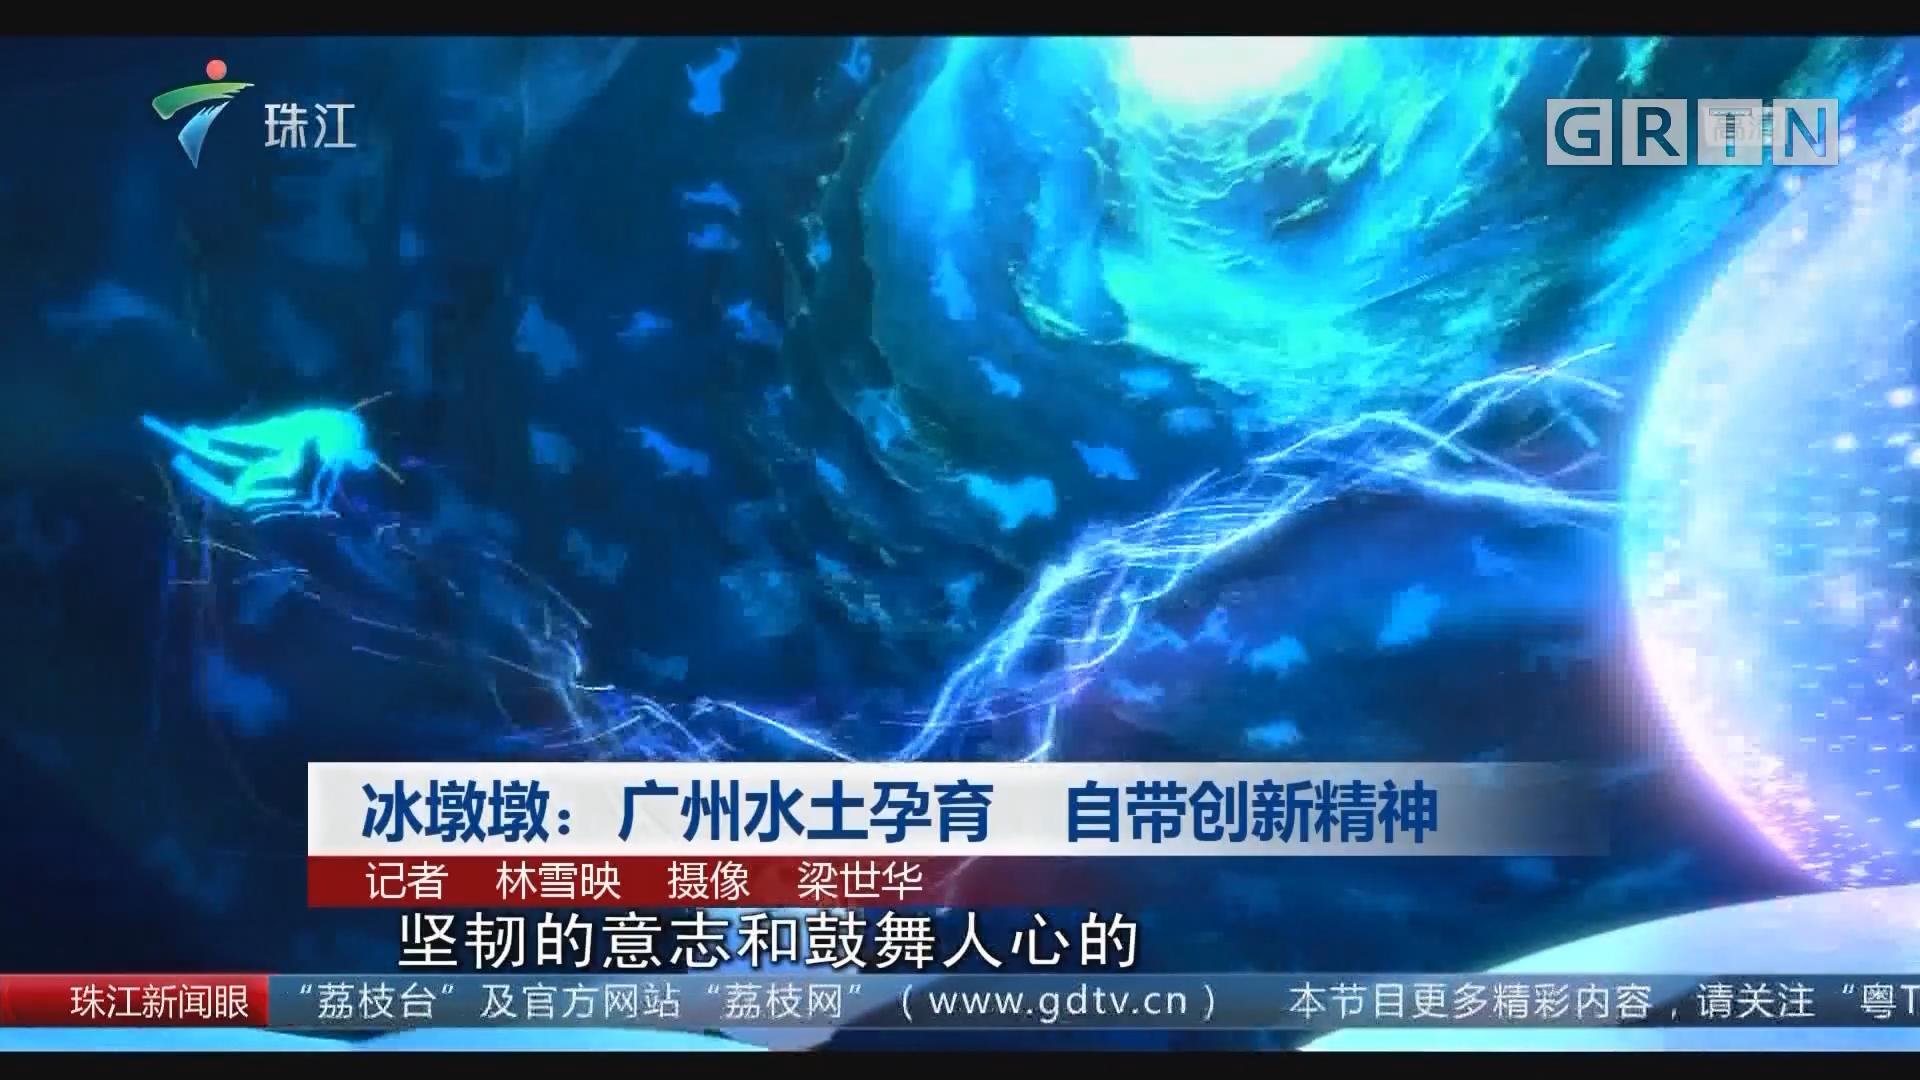 冰墩墩:广州水土孕育 自带创新精神